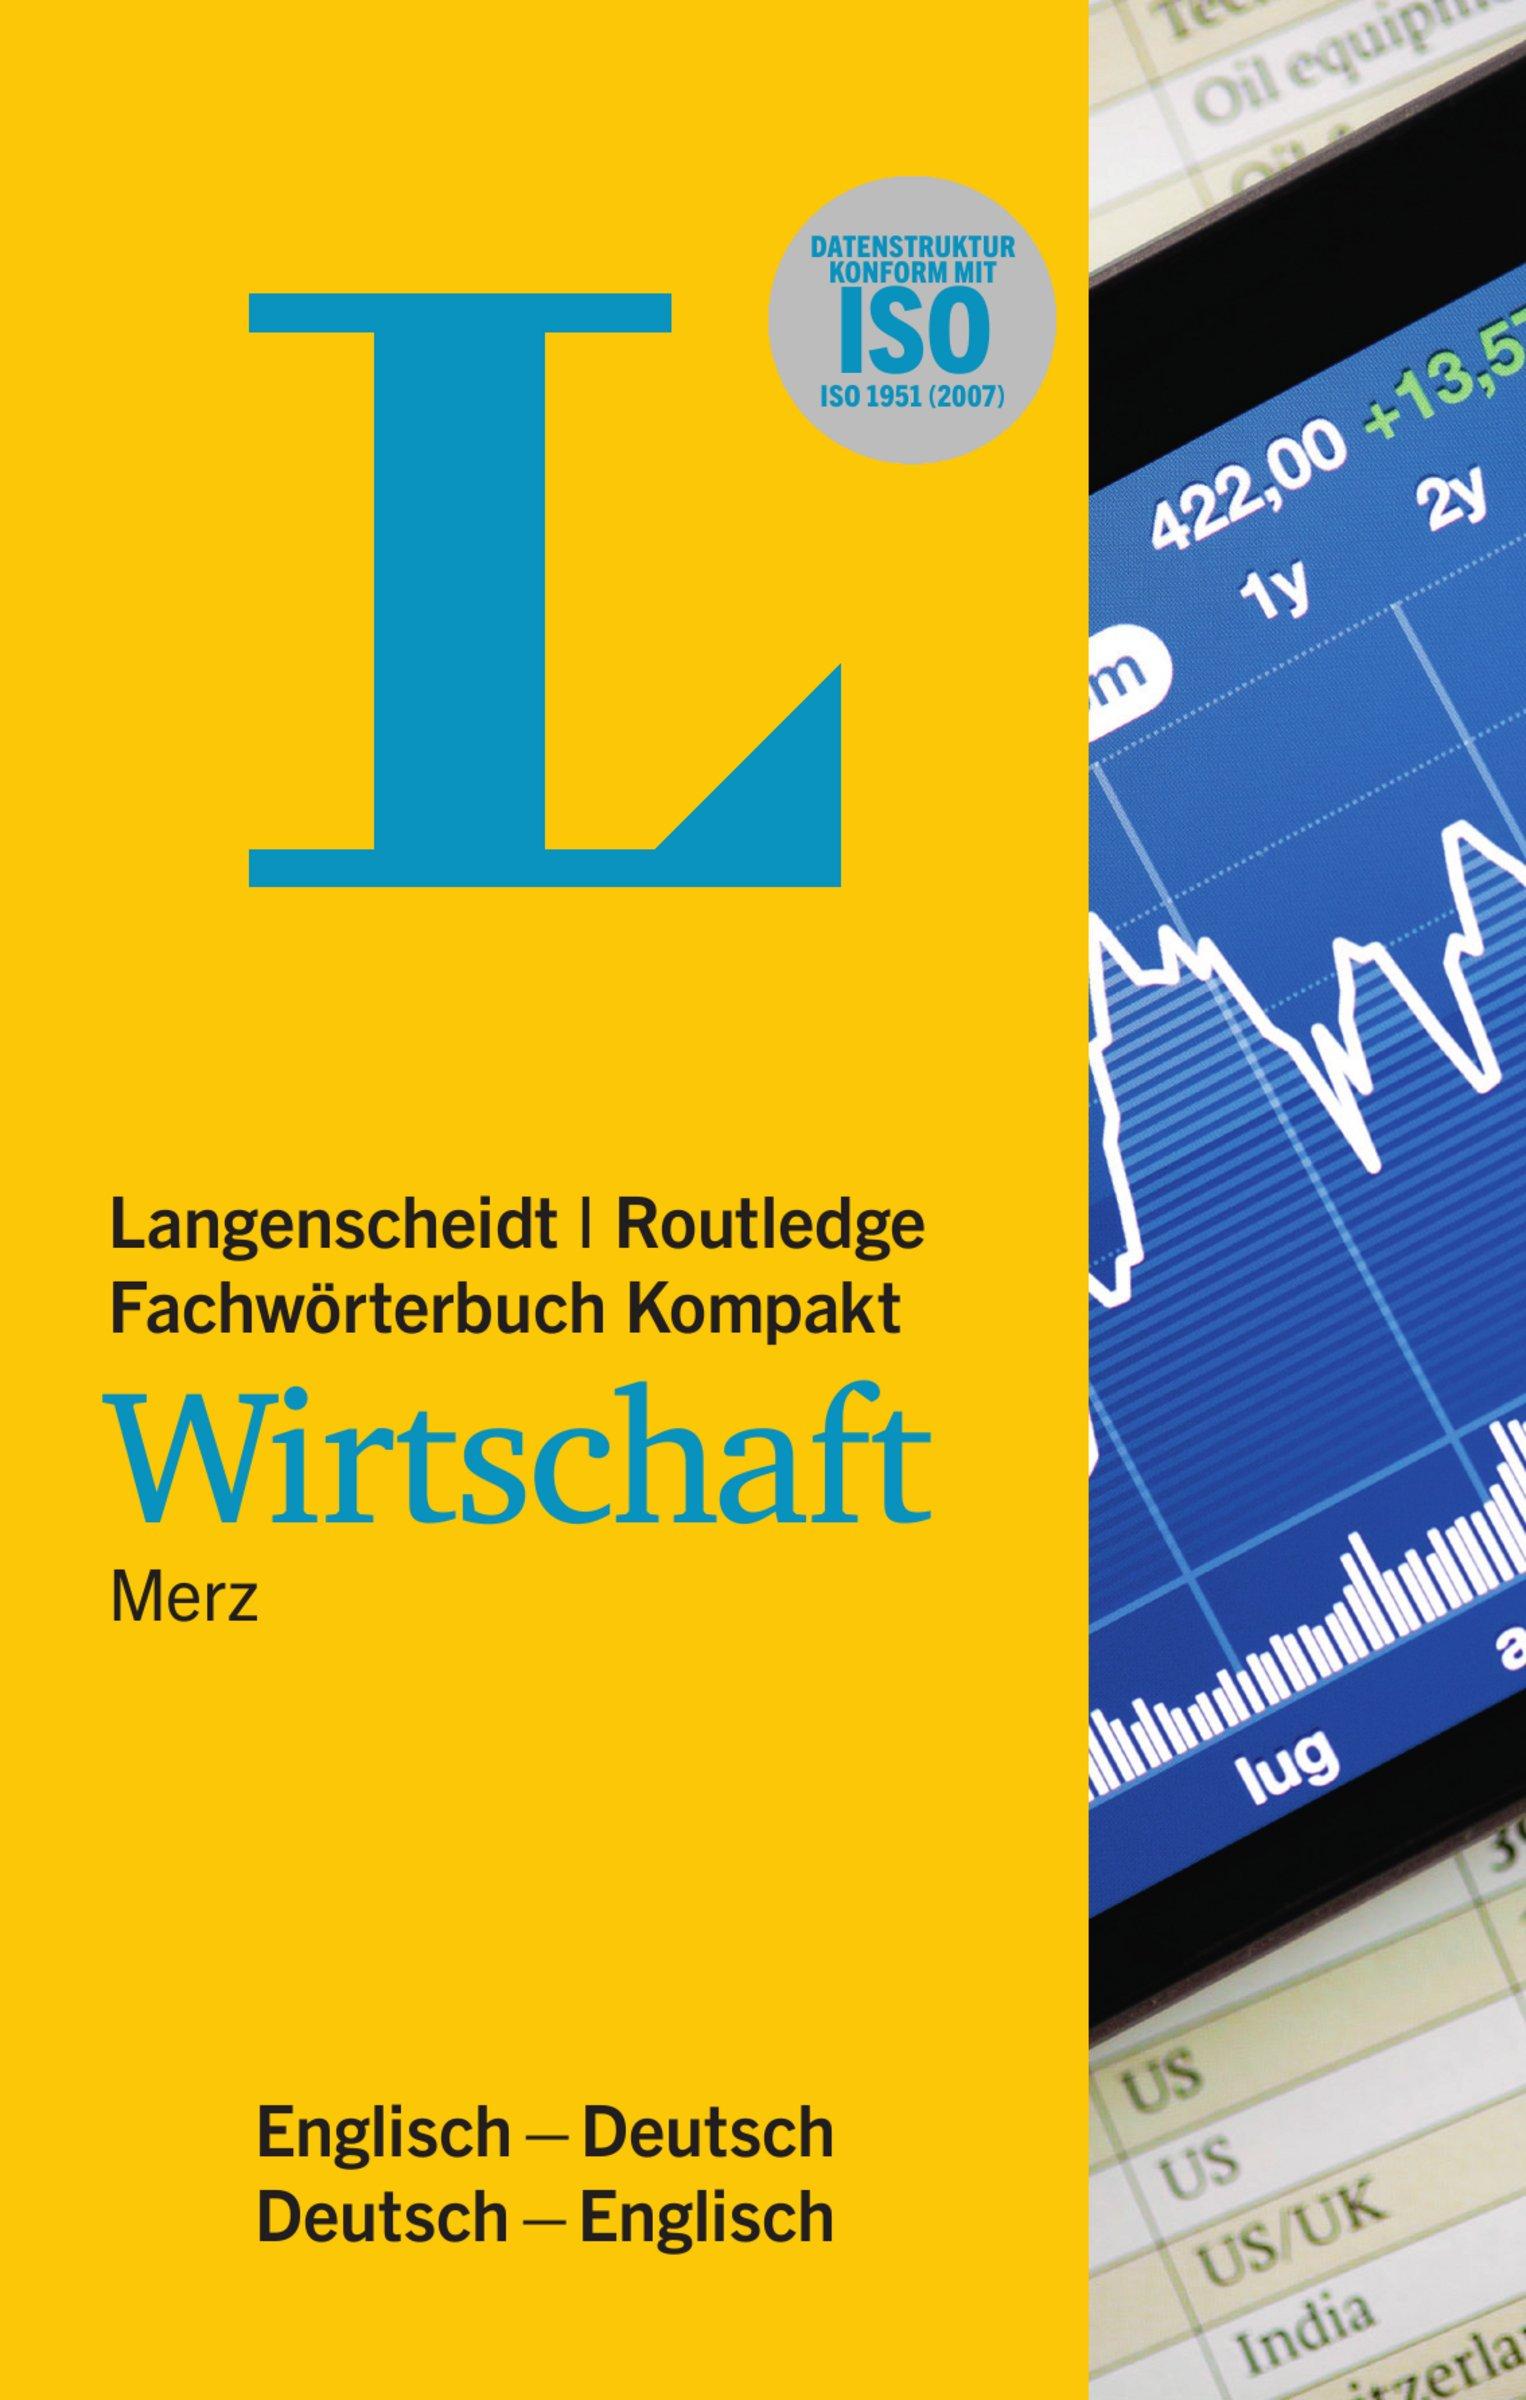 Langenscheidt Fachwörterbuch Kompakt Wirtschaft Englisch: In Kooperation mit Routledge, Englisch-Deutsch/Deutsch-Englisch (Langenscheidt Fachwörterbücher Kompakt)